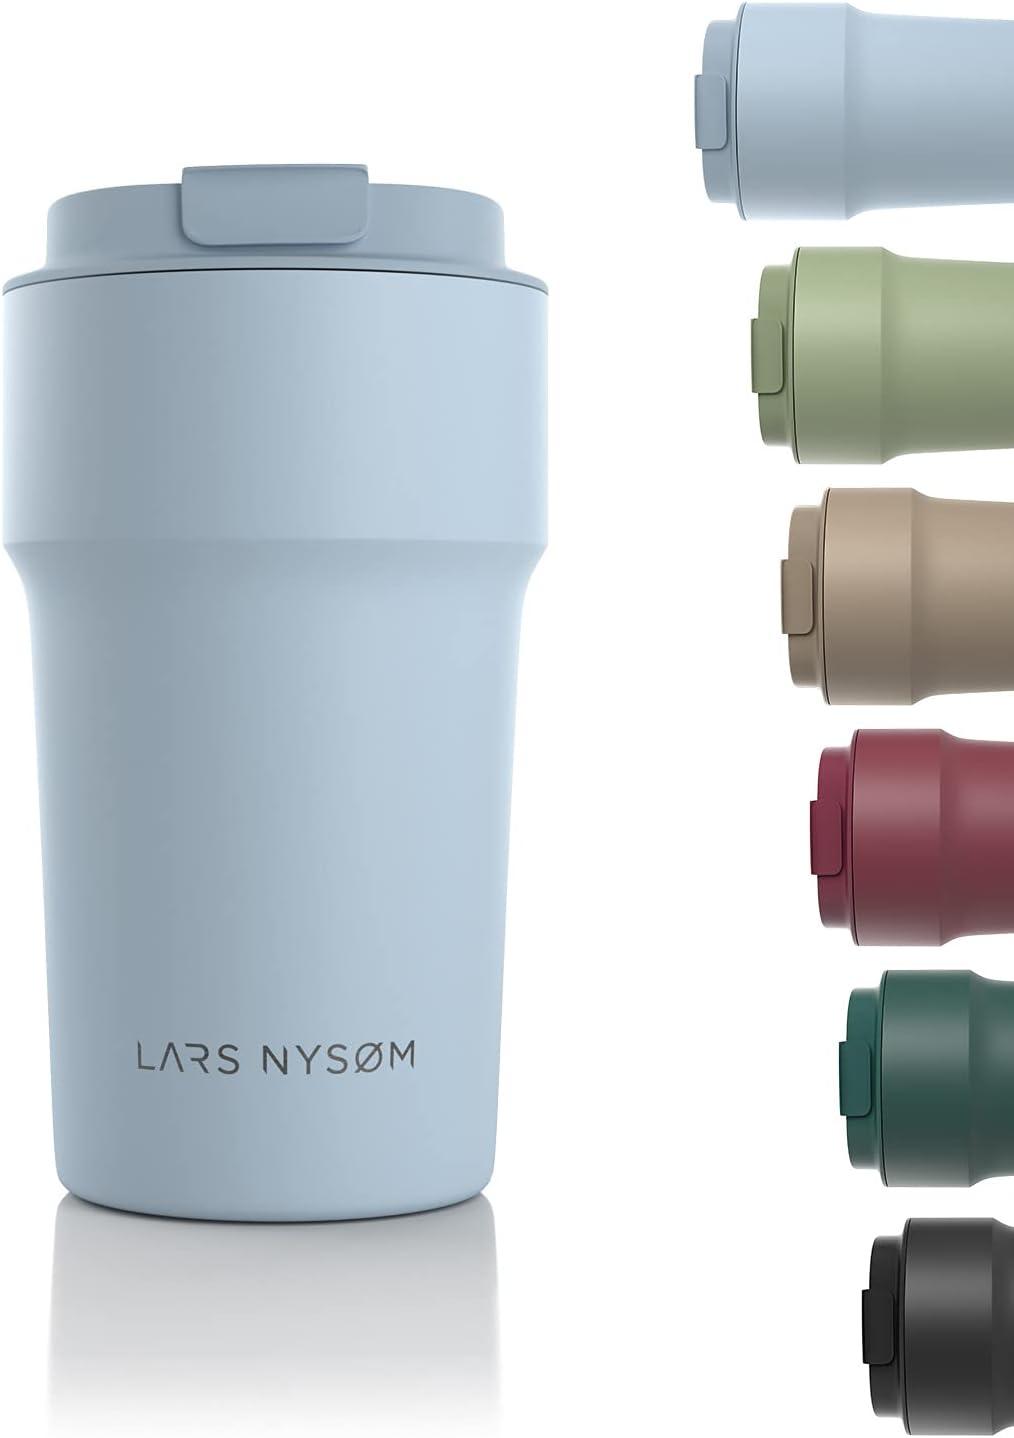 LARS NYSØM Taza térmica café para llevar 500ml   Termo Café para llevar sin BPA de 0,5 litros con aislante   Travel mug de acero inoxidable a prueba de fugas para el café y el té